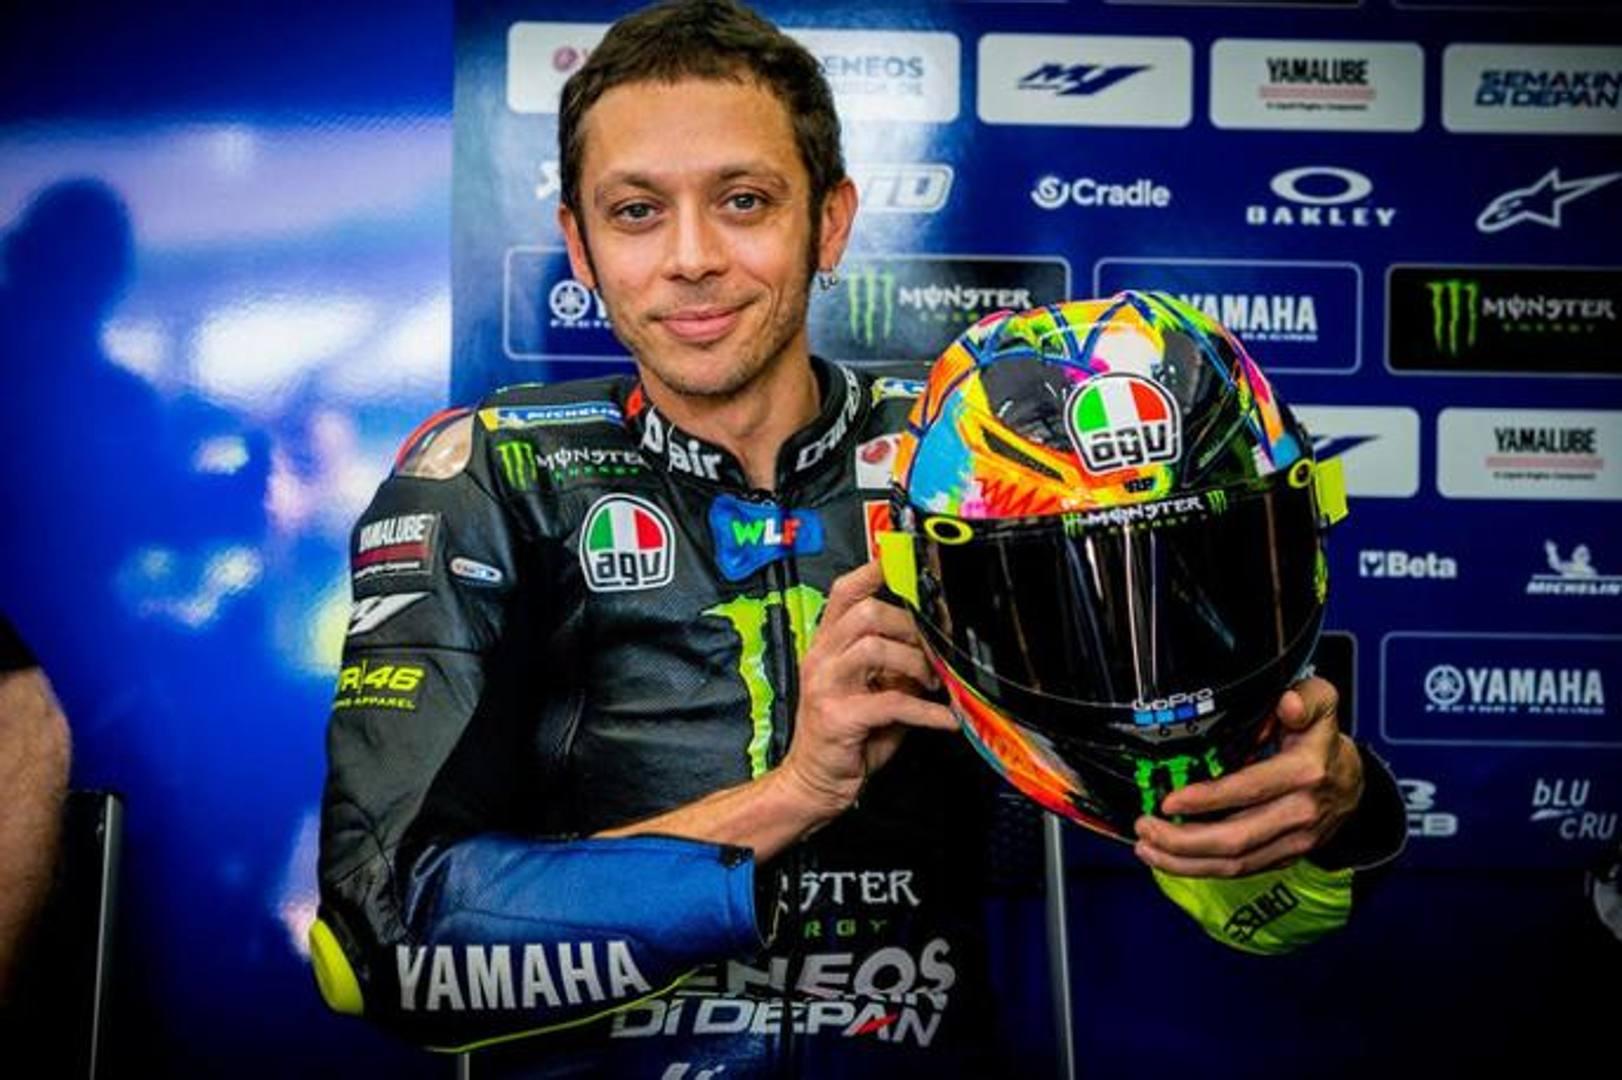 Rossi ha mostrato il nuovo casco, disegnato da Aldo Drudi per i test invernali: la particolarità è che è disegnato a mano, una sorta di dipinto applicato alla calotta